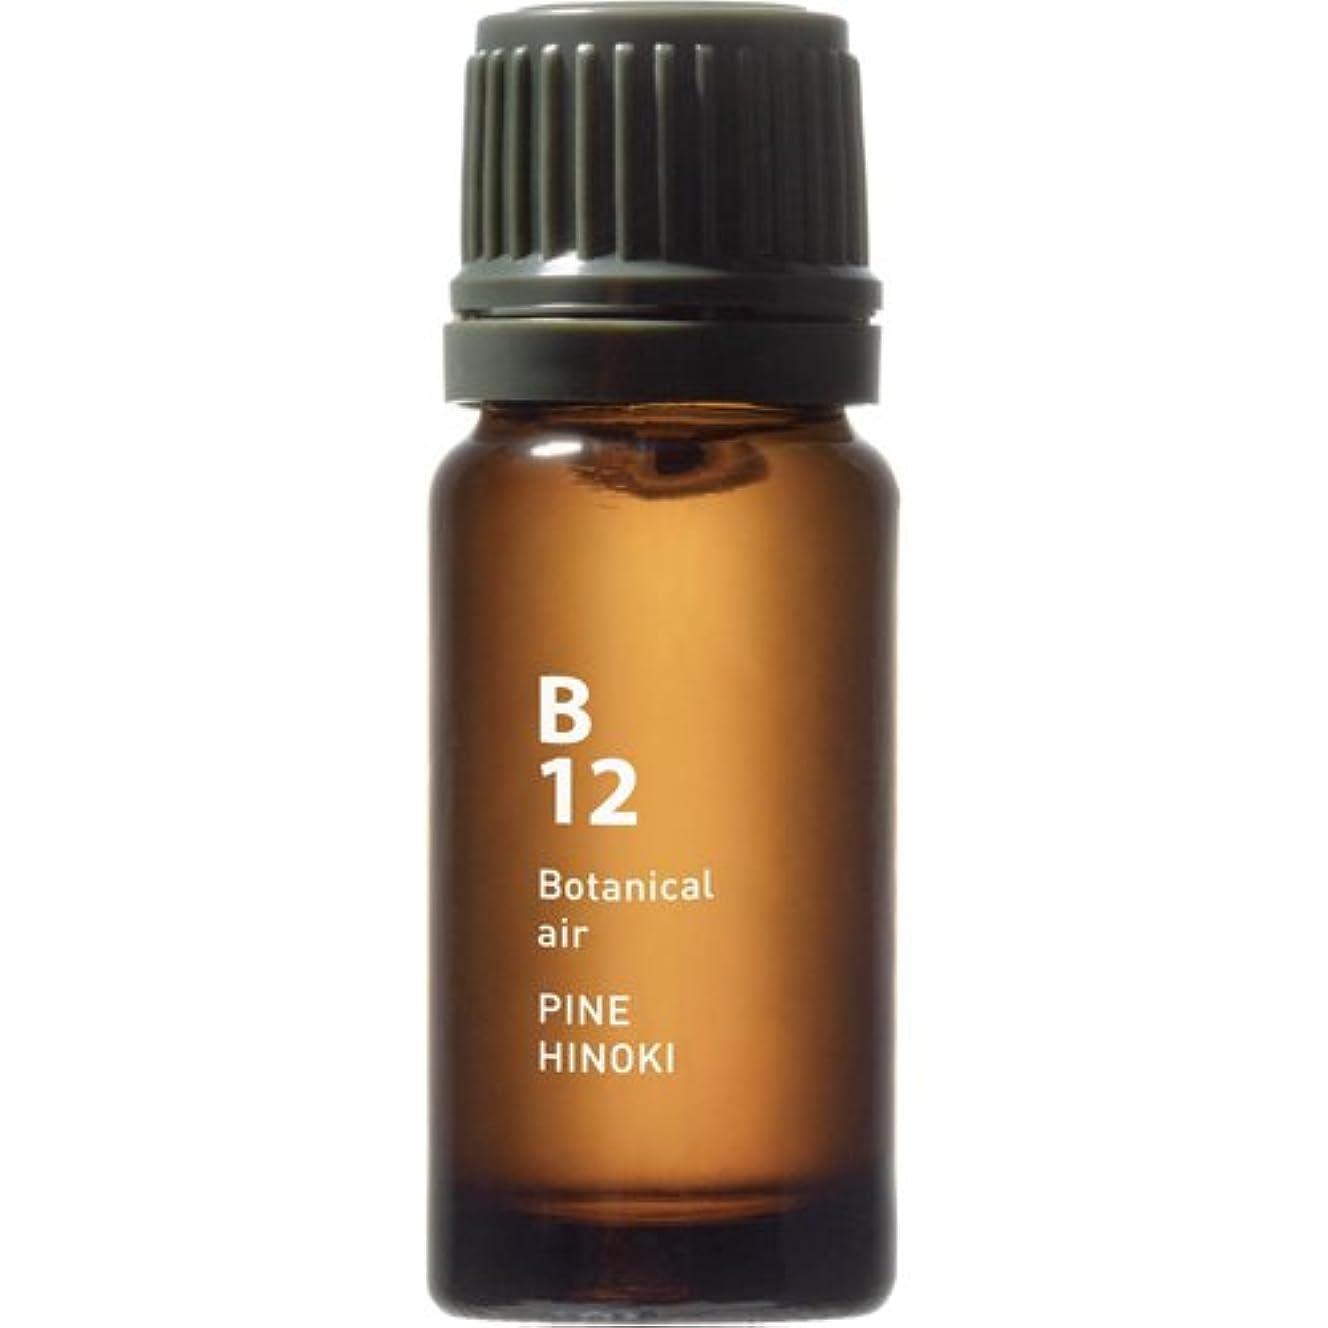 物理的にかなり拡張B12 パインヒノキ Botanical air(ボタニカルエアー) 10ml